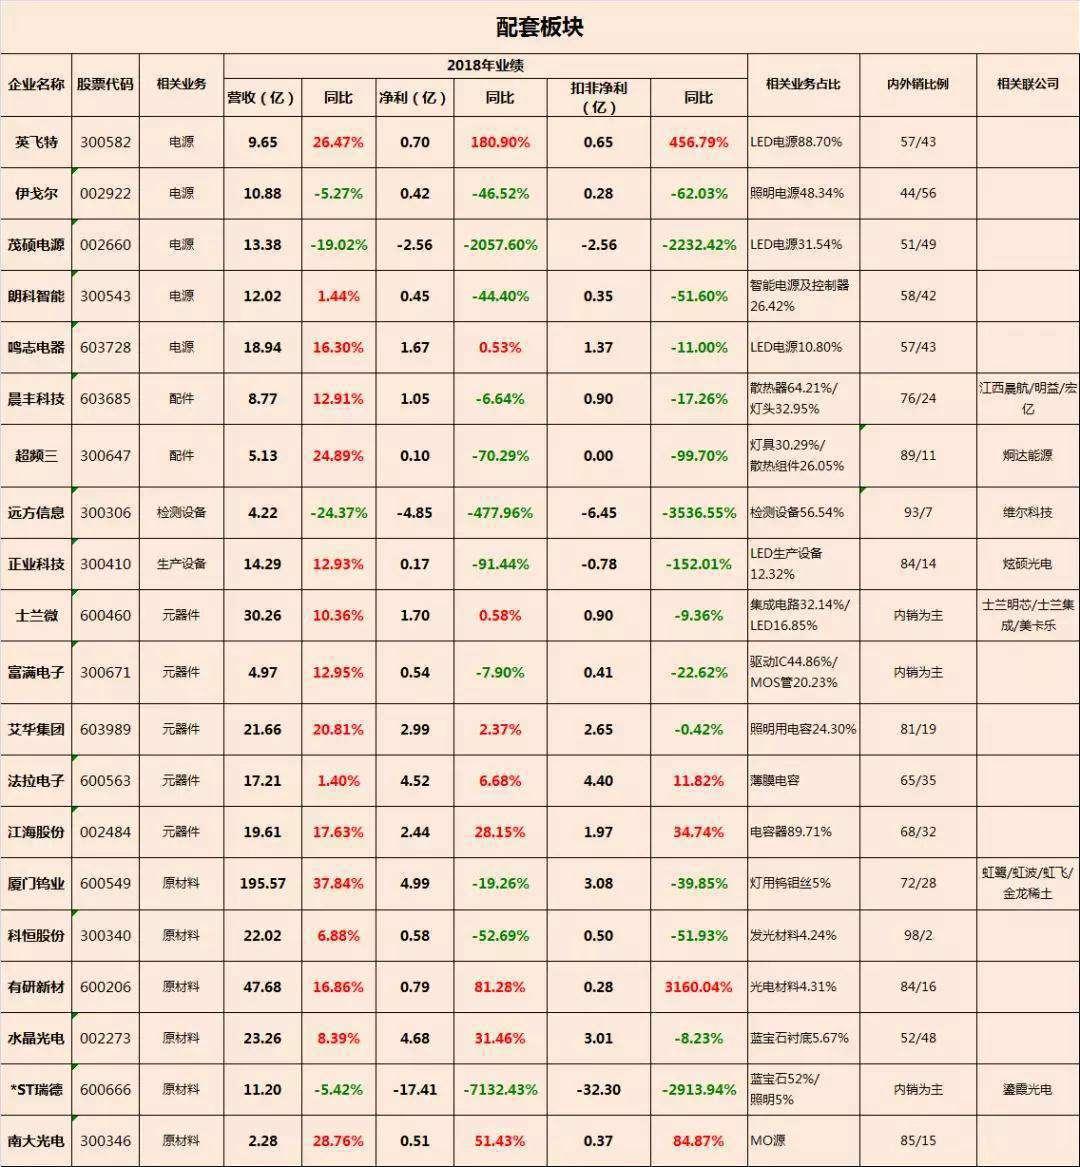 中国照明电器行业相关上市公司2018年报业绩盘点